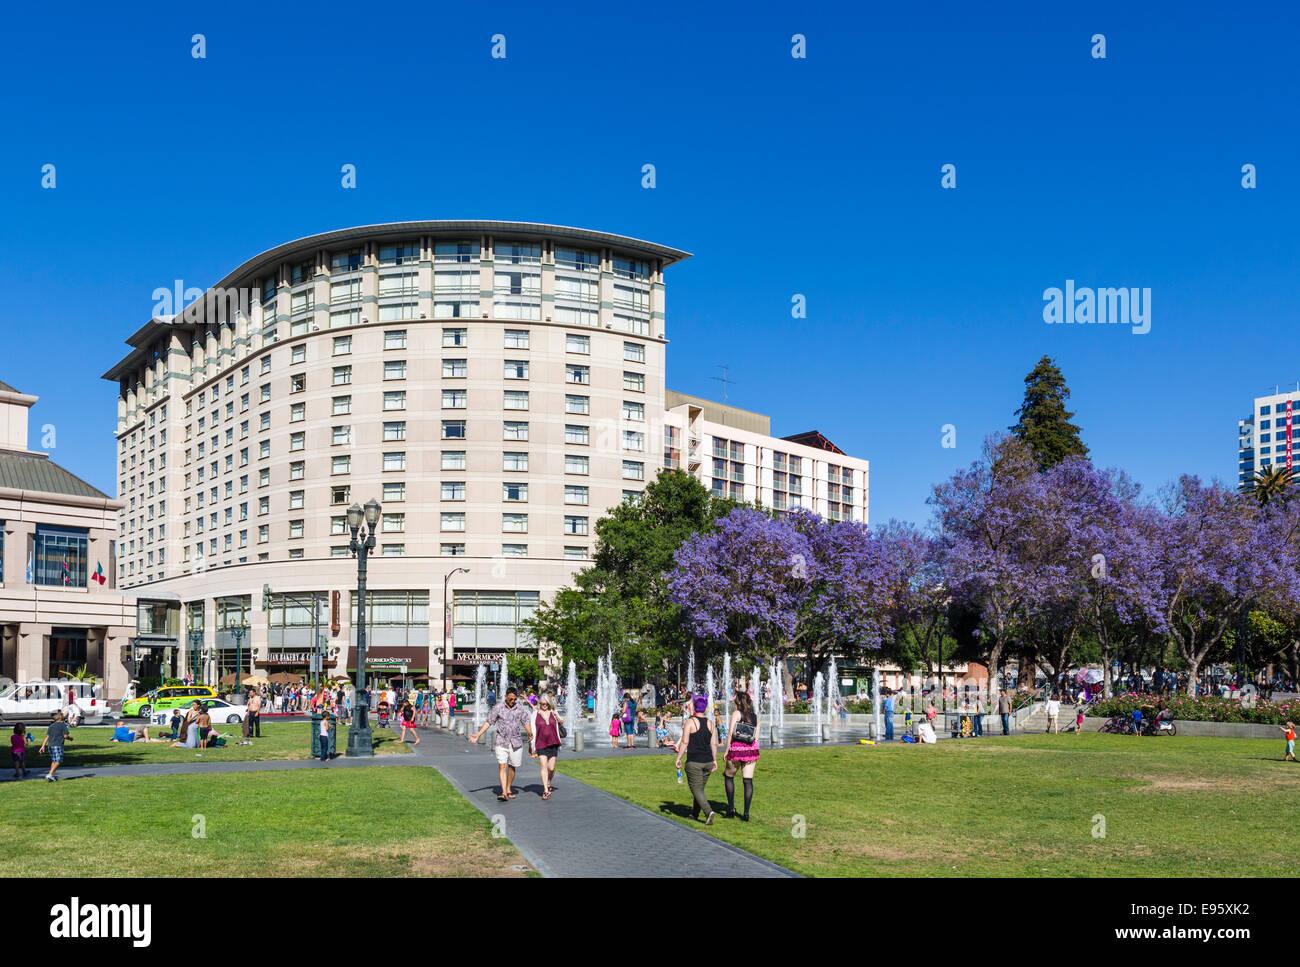 Plaza de Cesar Chavez dans le centre-ville de San Jose, le comté de Santa Clara, Californie, USA Photo Stock